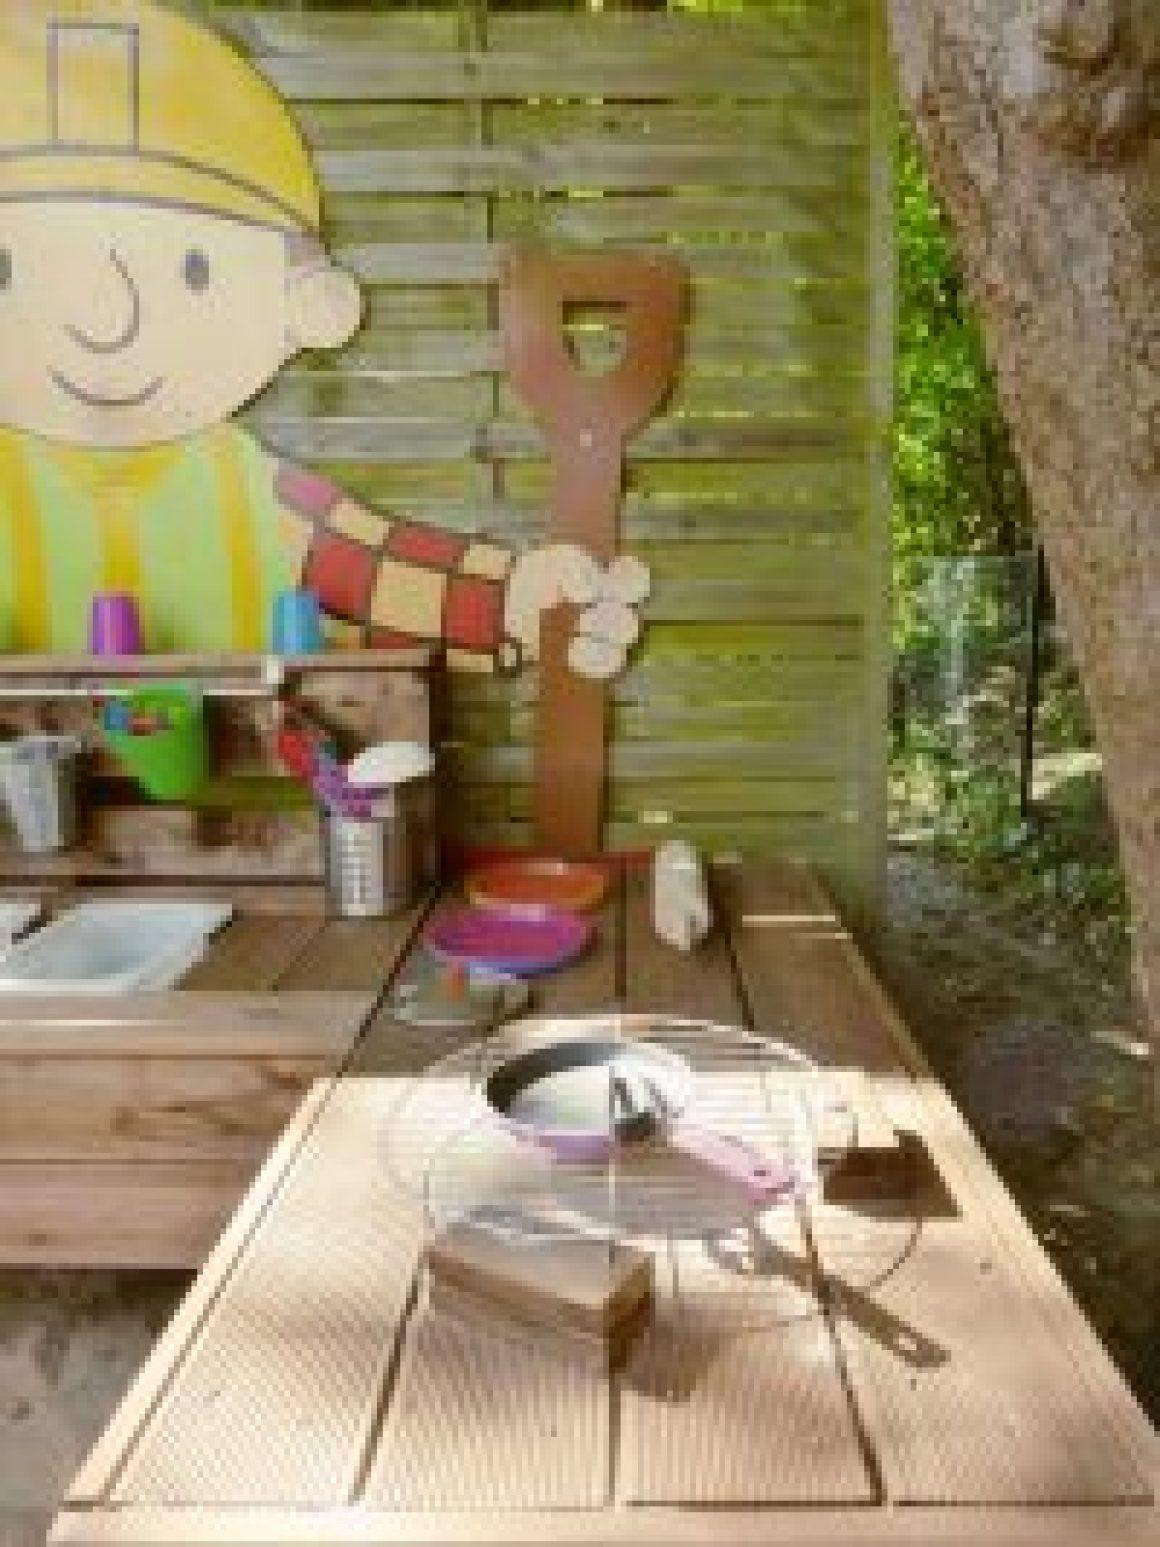 Outdoor-Kinderküche-Kid-Zone-Kinderbetreuung-6